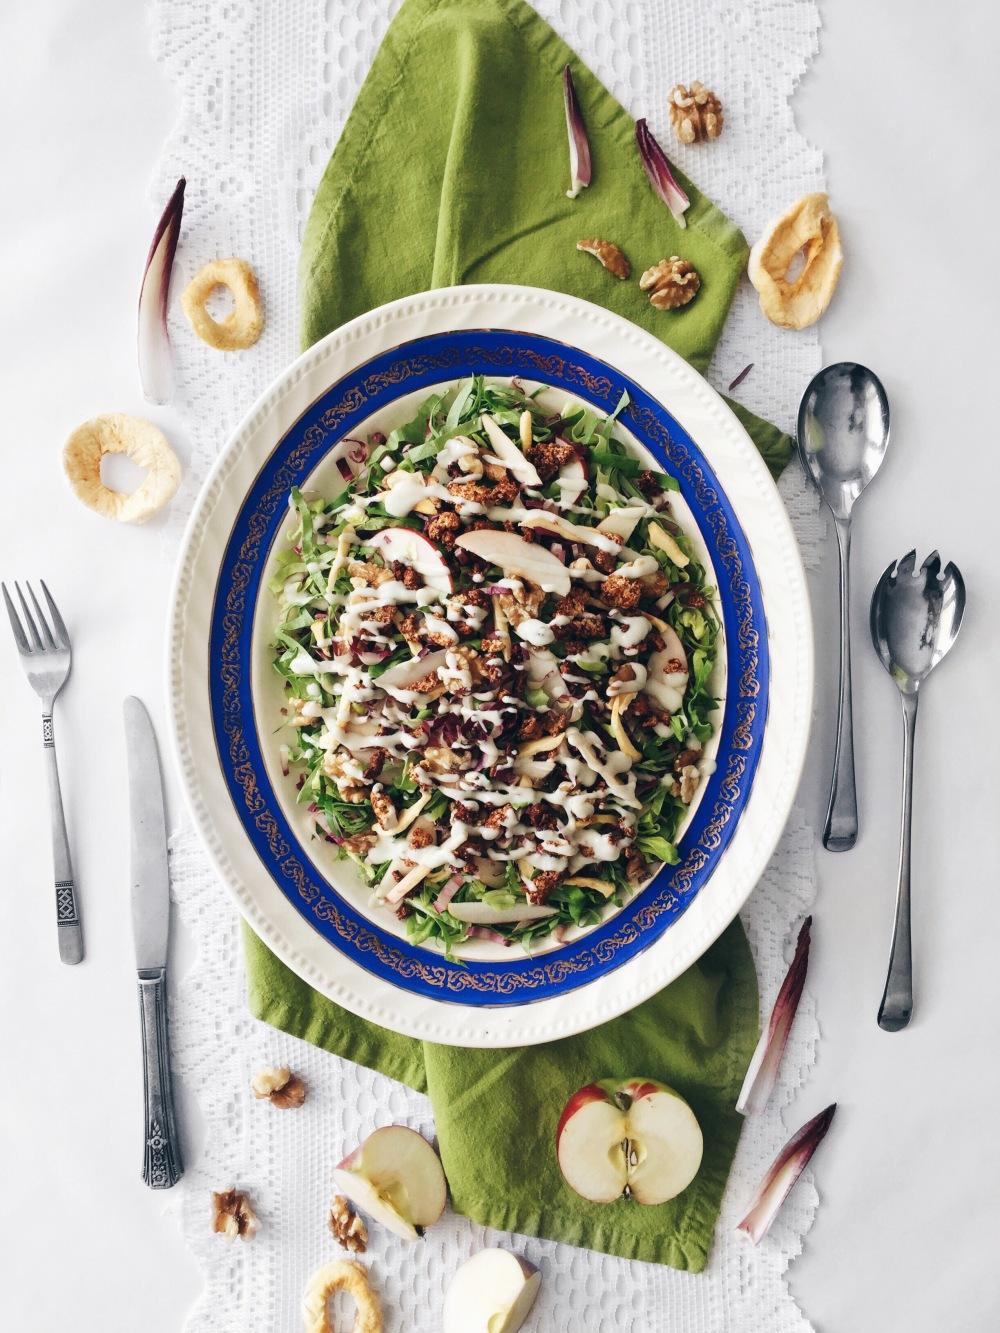 Salade repas verte aux endives, laitue, pommes, noix de grenoble, bacon végétalien et sauce crémeuse au fromage bleu